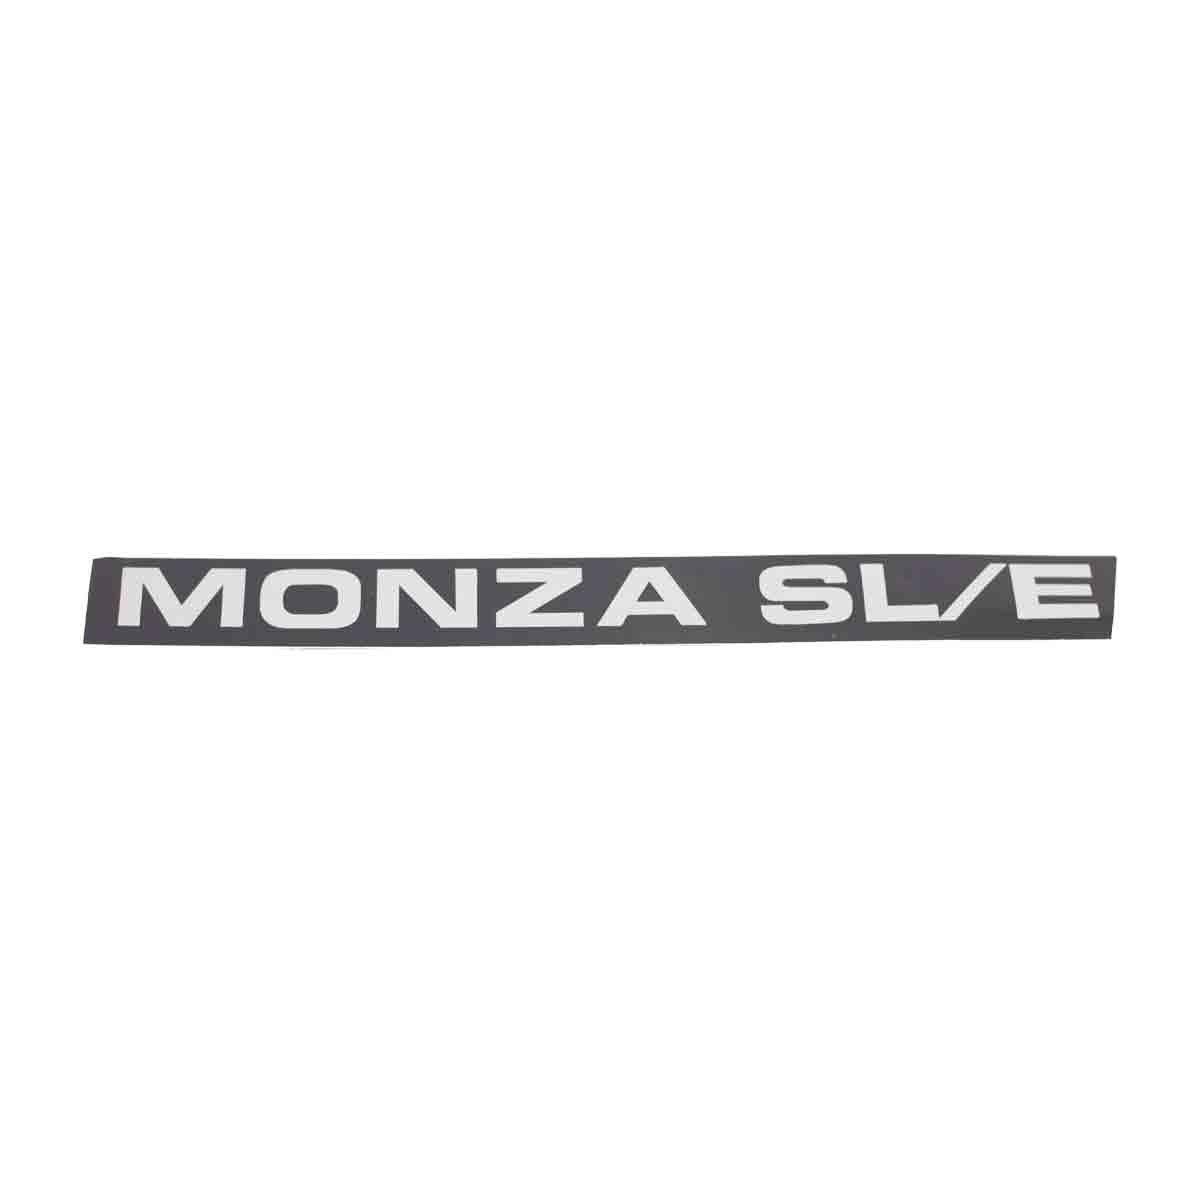 Plaqueta Monza /87 SL Fina